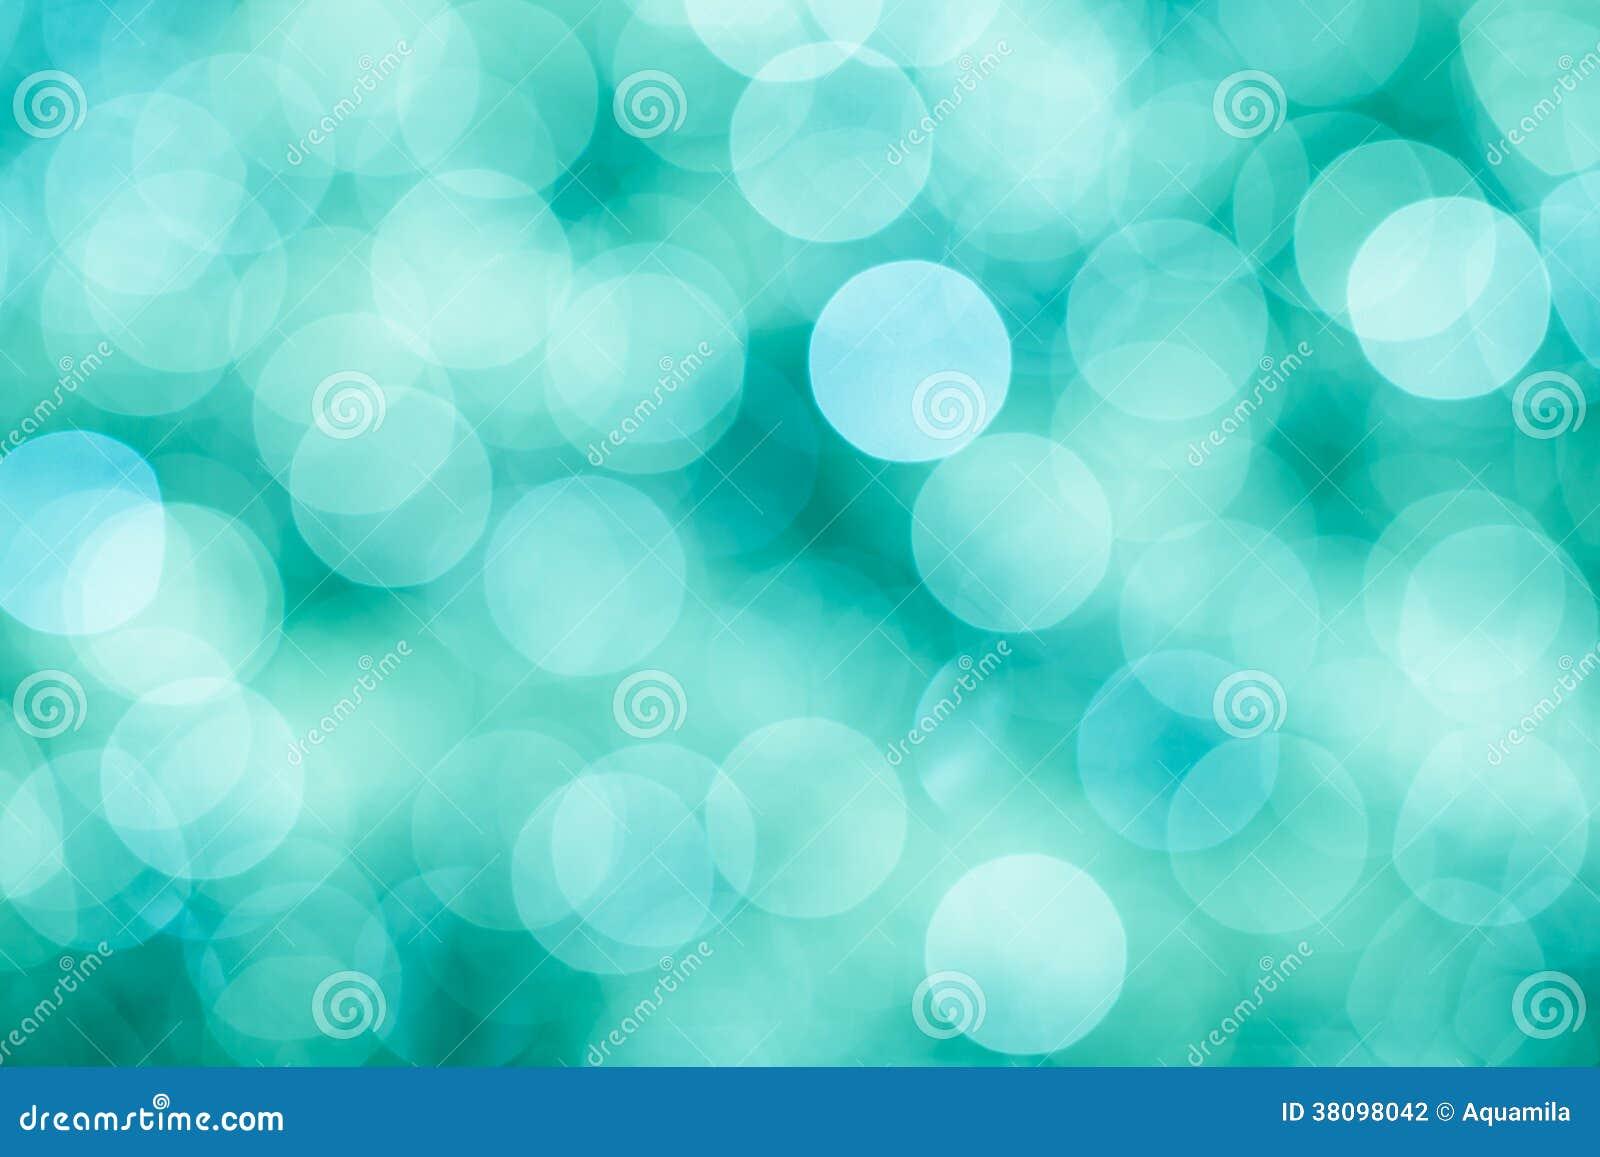 Fond bleu vert et de turquoise avec les lumi res defocused de bokeh photographie stock image - Bleu turquoise et vert anis ...